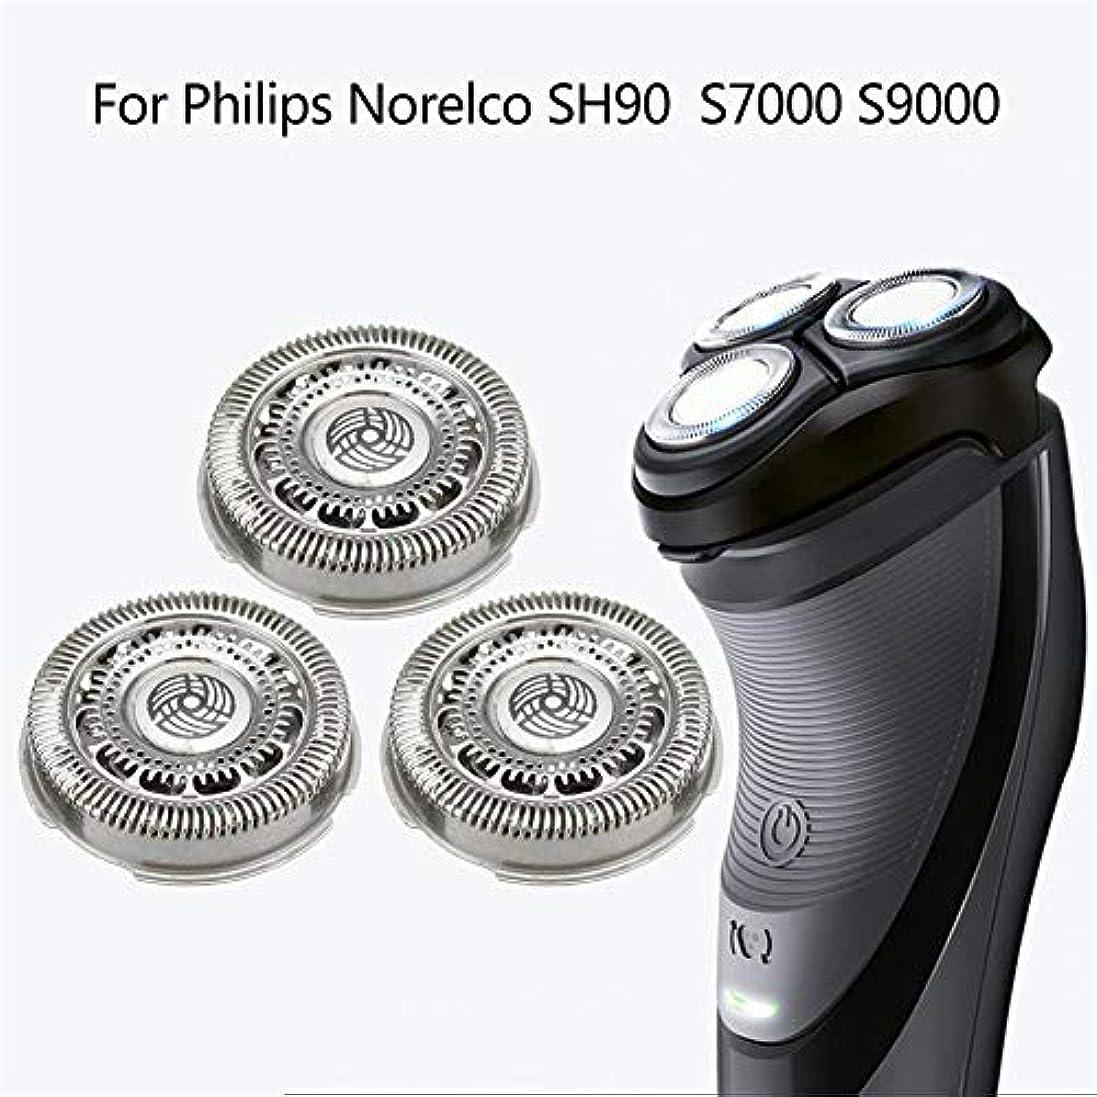 ノイズ準備ができて東方メンズシェーバー用 替刃 セット刃 シェーバーパーツカッターアクセサリー で作られ 効率的 Norelco SH90 S7000 S9000